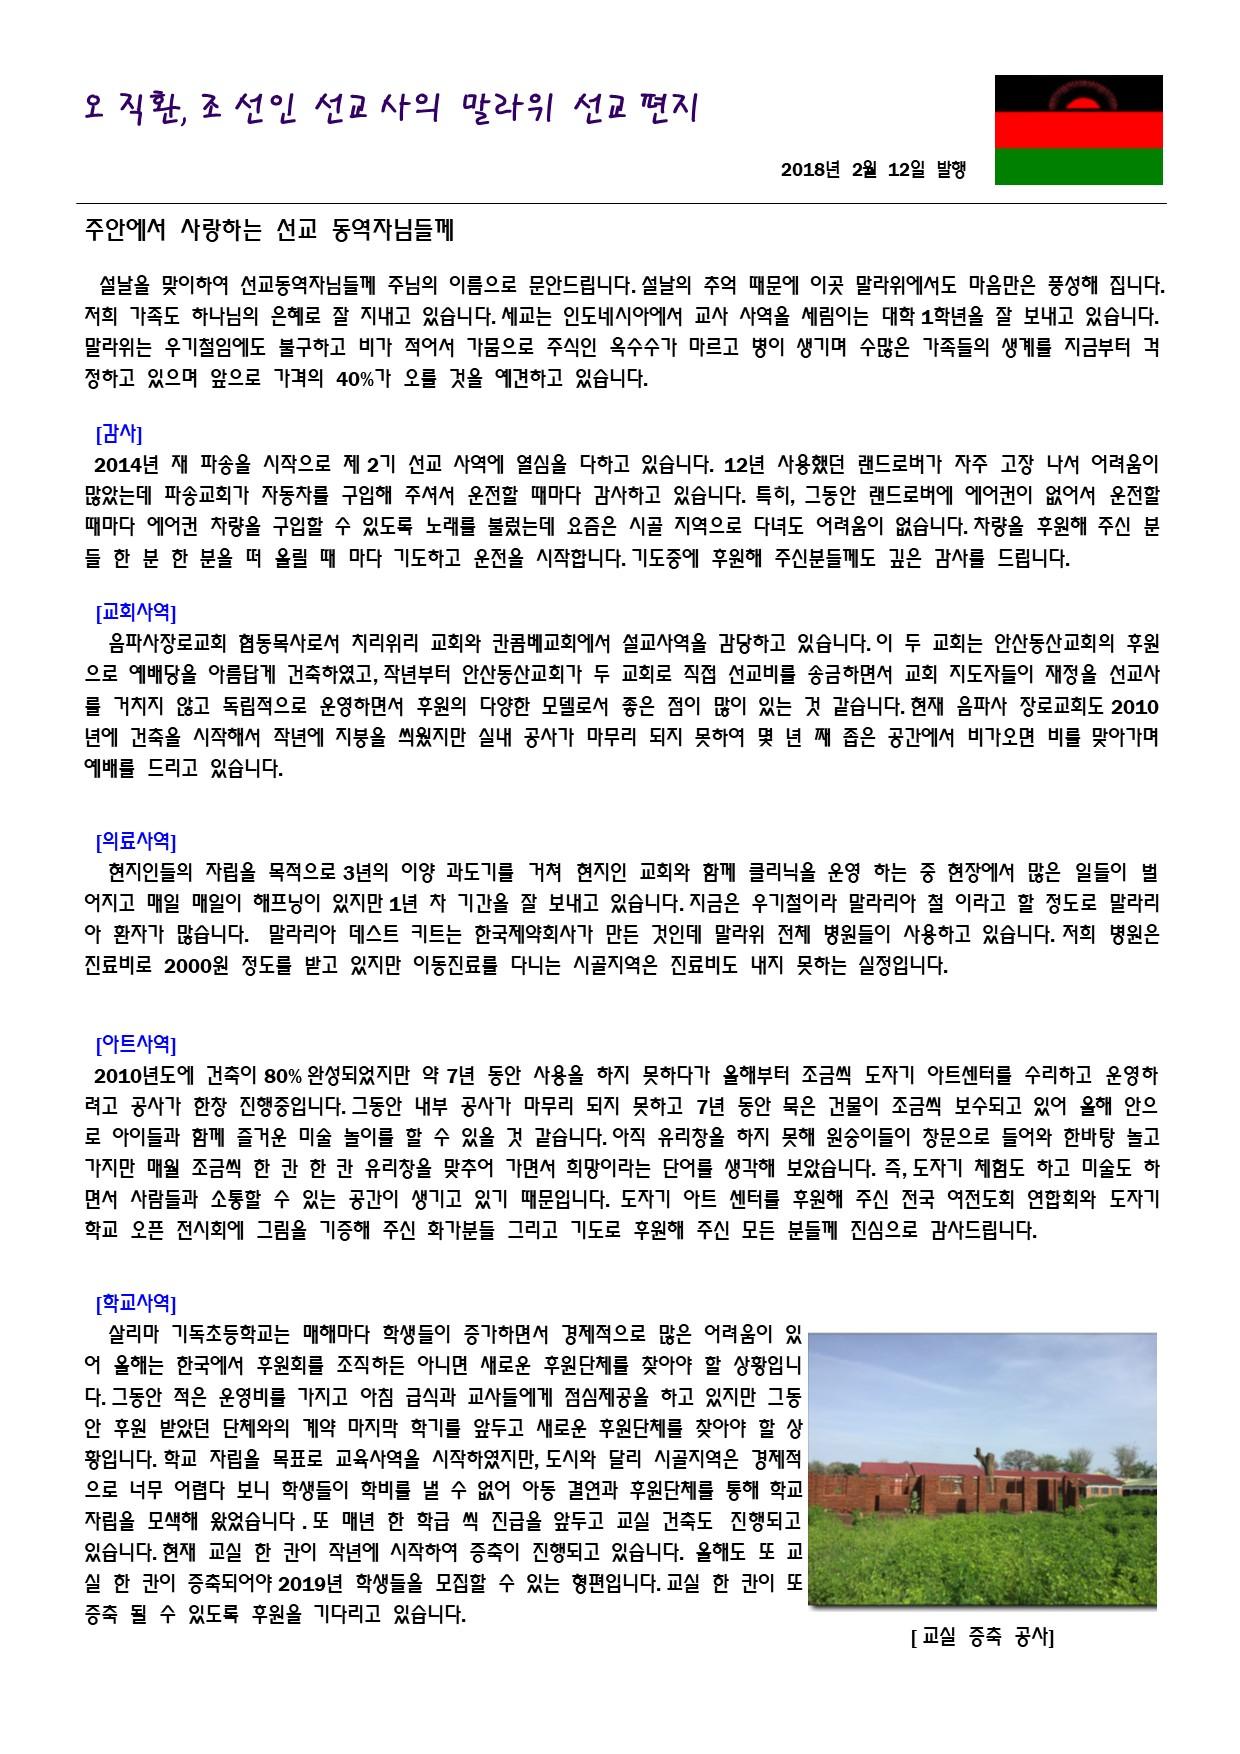 01_말라위 선교편지(2018년 02월).jpg